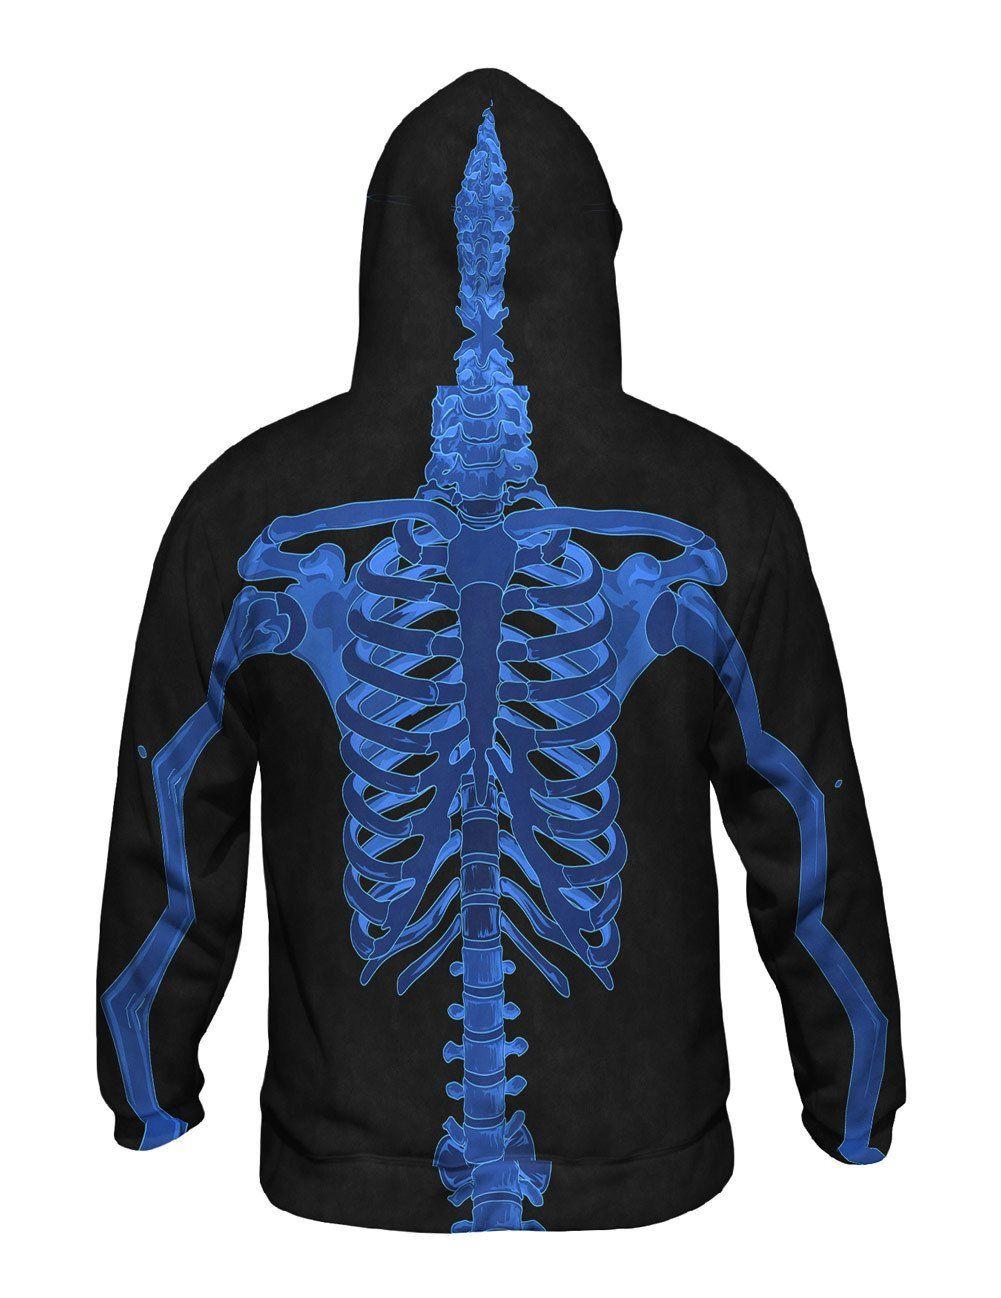 Skeleton Xray Jiggle Sweater hoodie, Hoodies, Sweaters